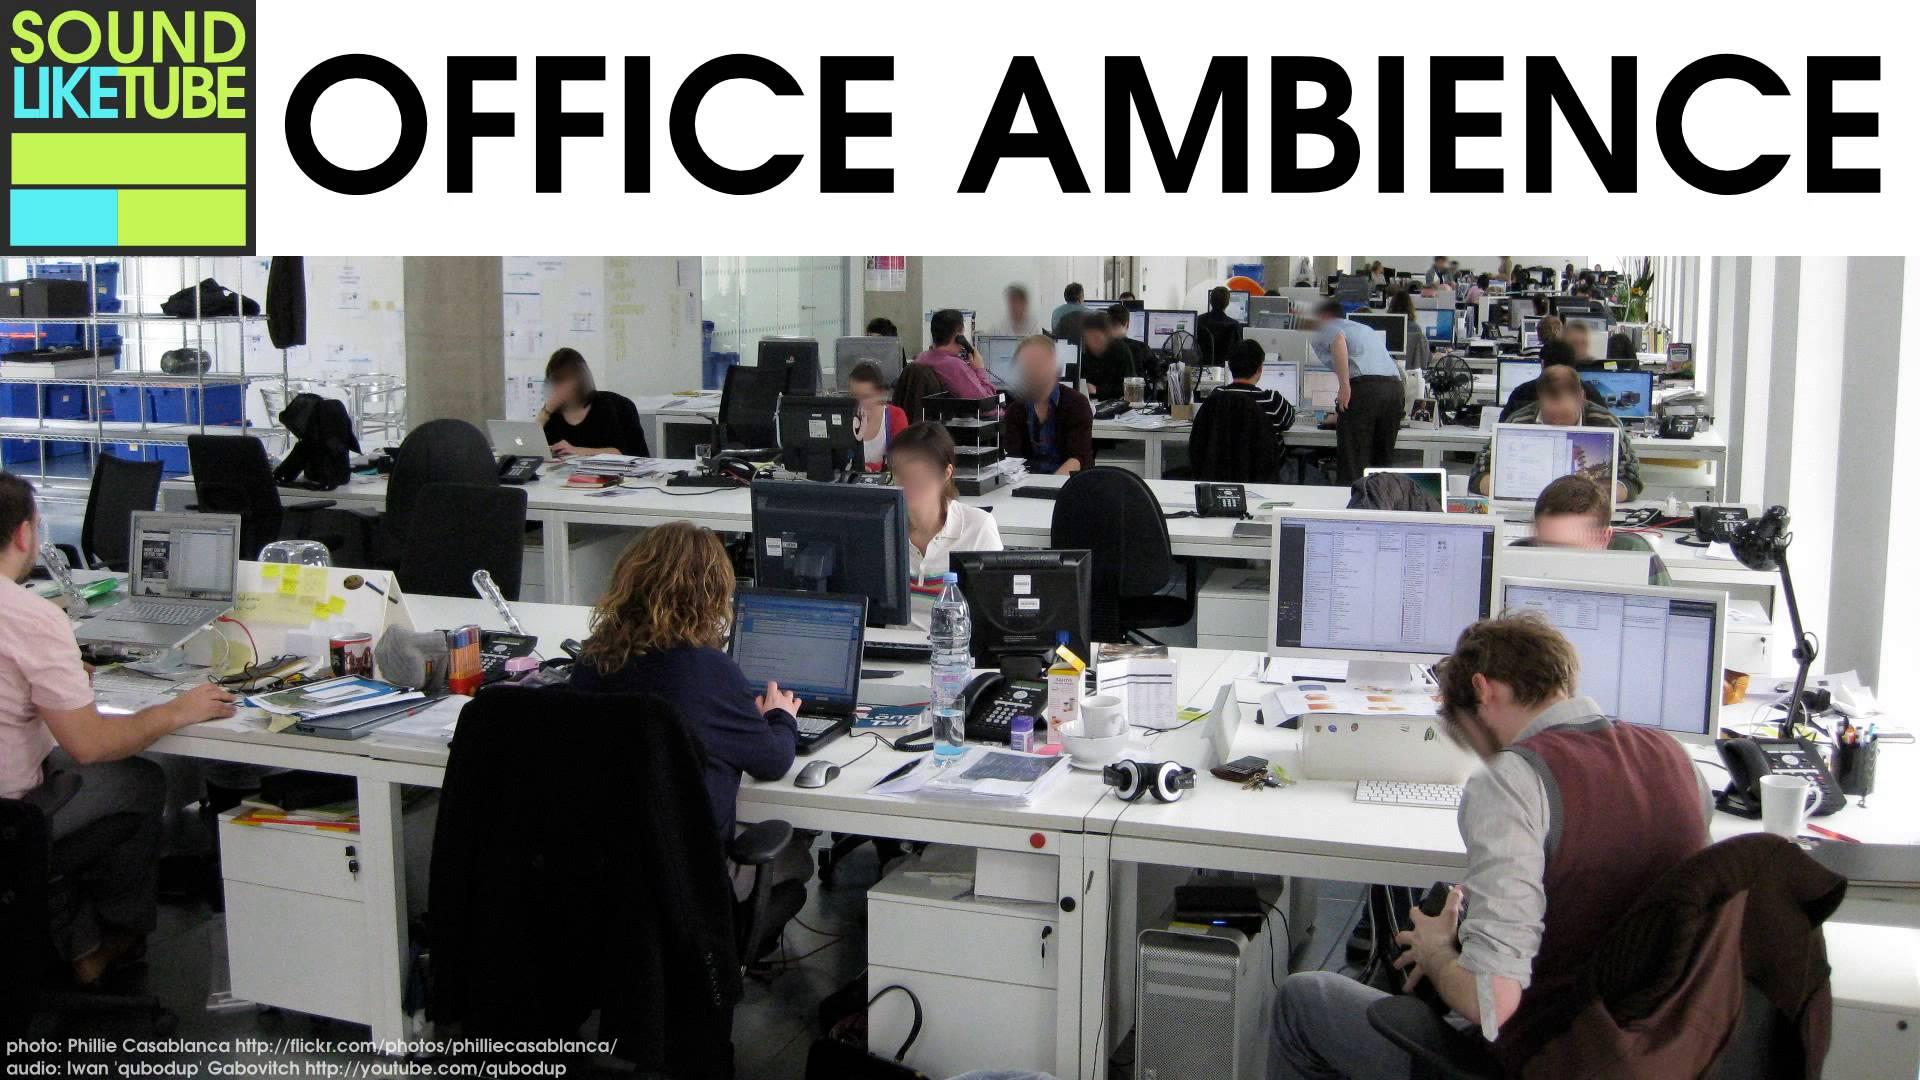 Ruido de oficina 12 horas de mugidos y otros grandes for Ruido oficina